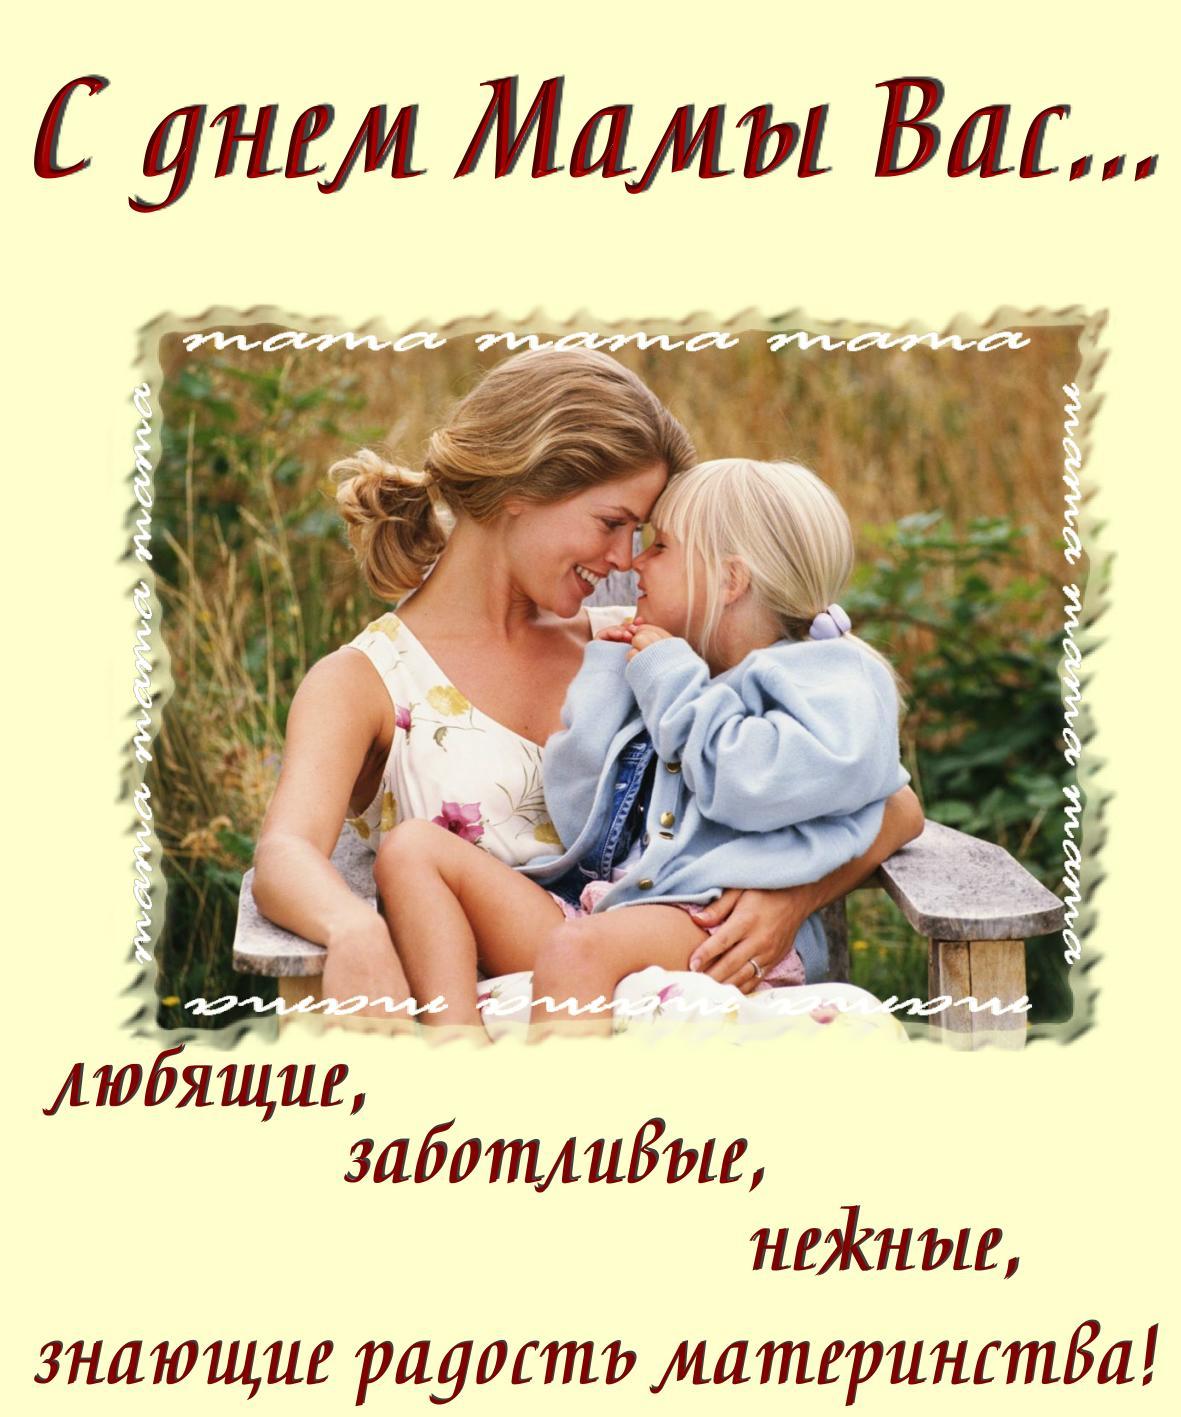 Открытки для мам в день матери